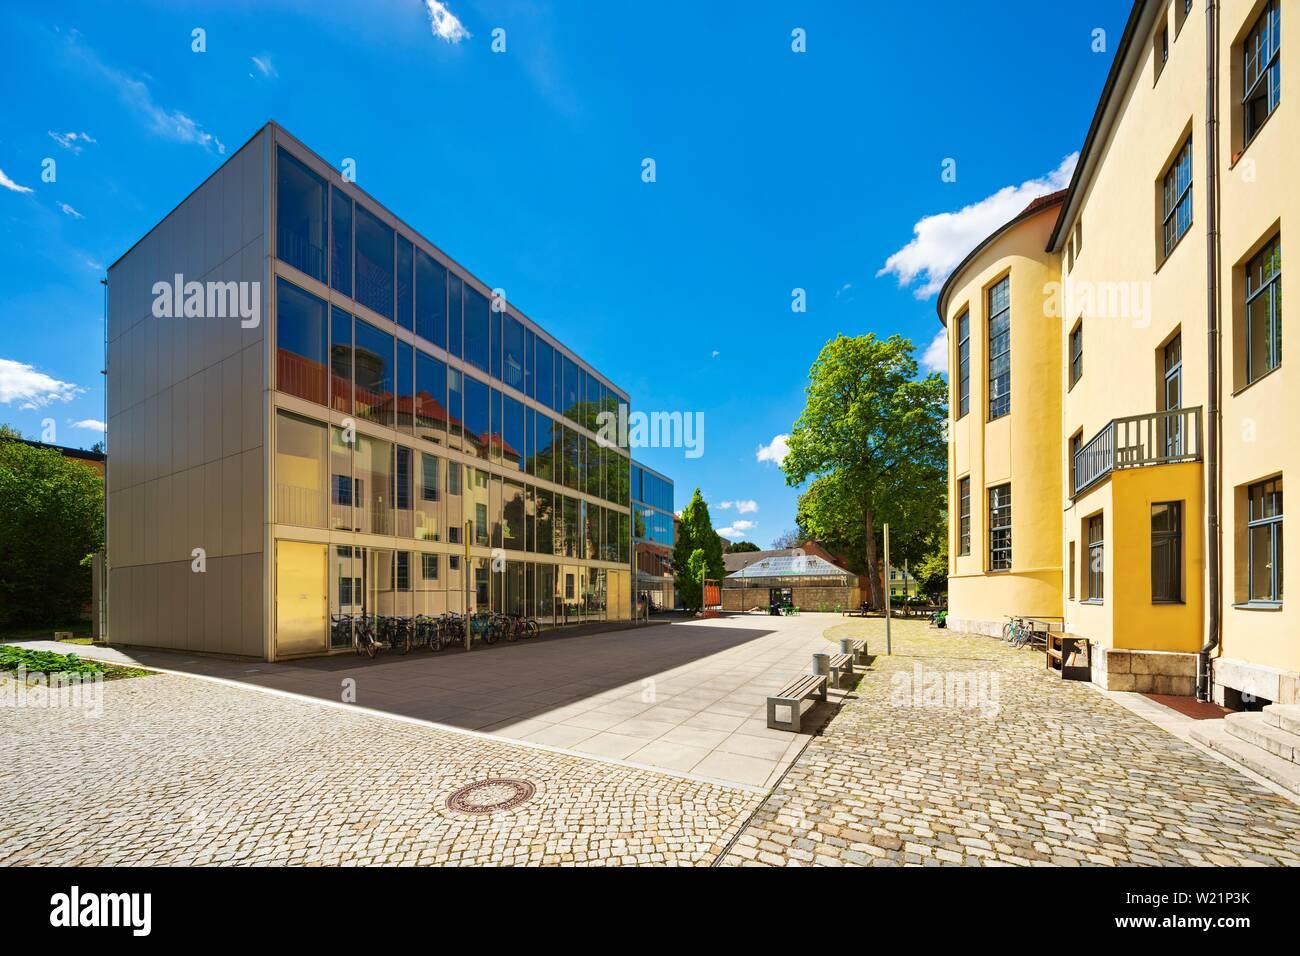 Bauhaus-Universitat Weimar, le bâtiment principal historique se reflète dans le verre, l'UNESCO World Heritage Site, Weimar, Thuringe, Allemagne Banque D'Images